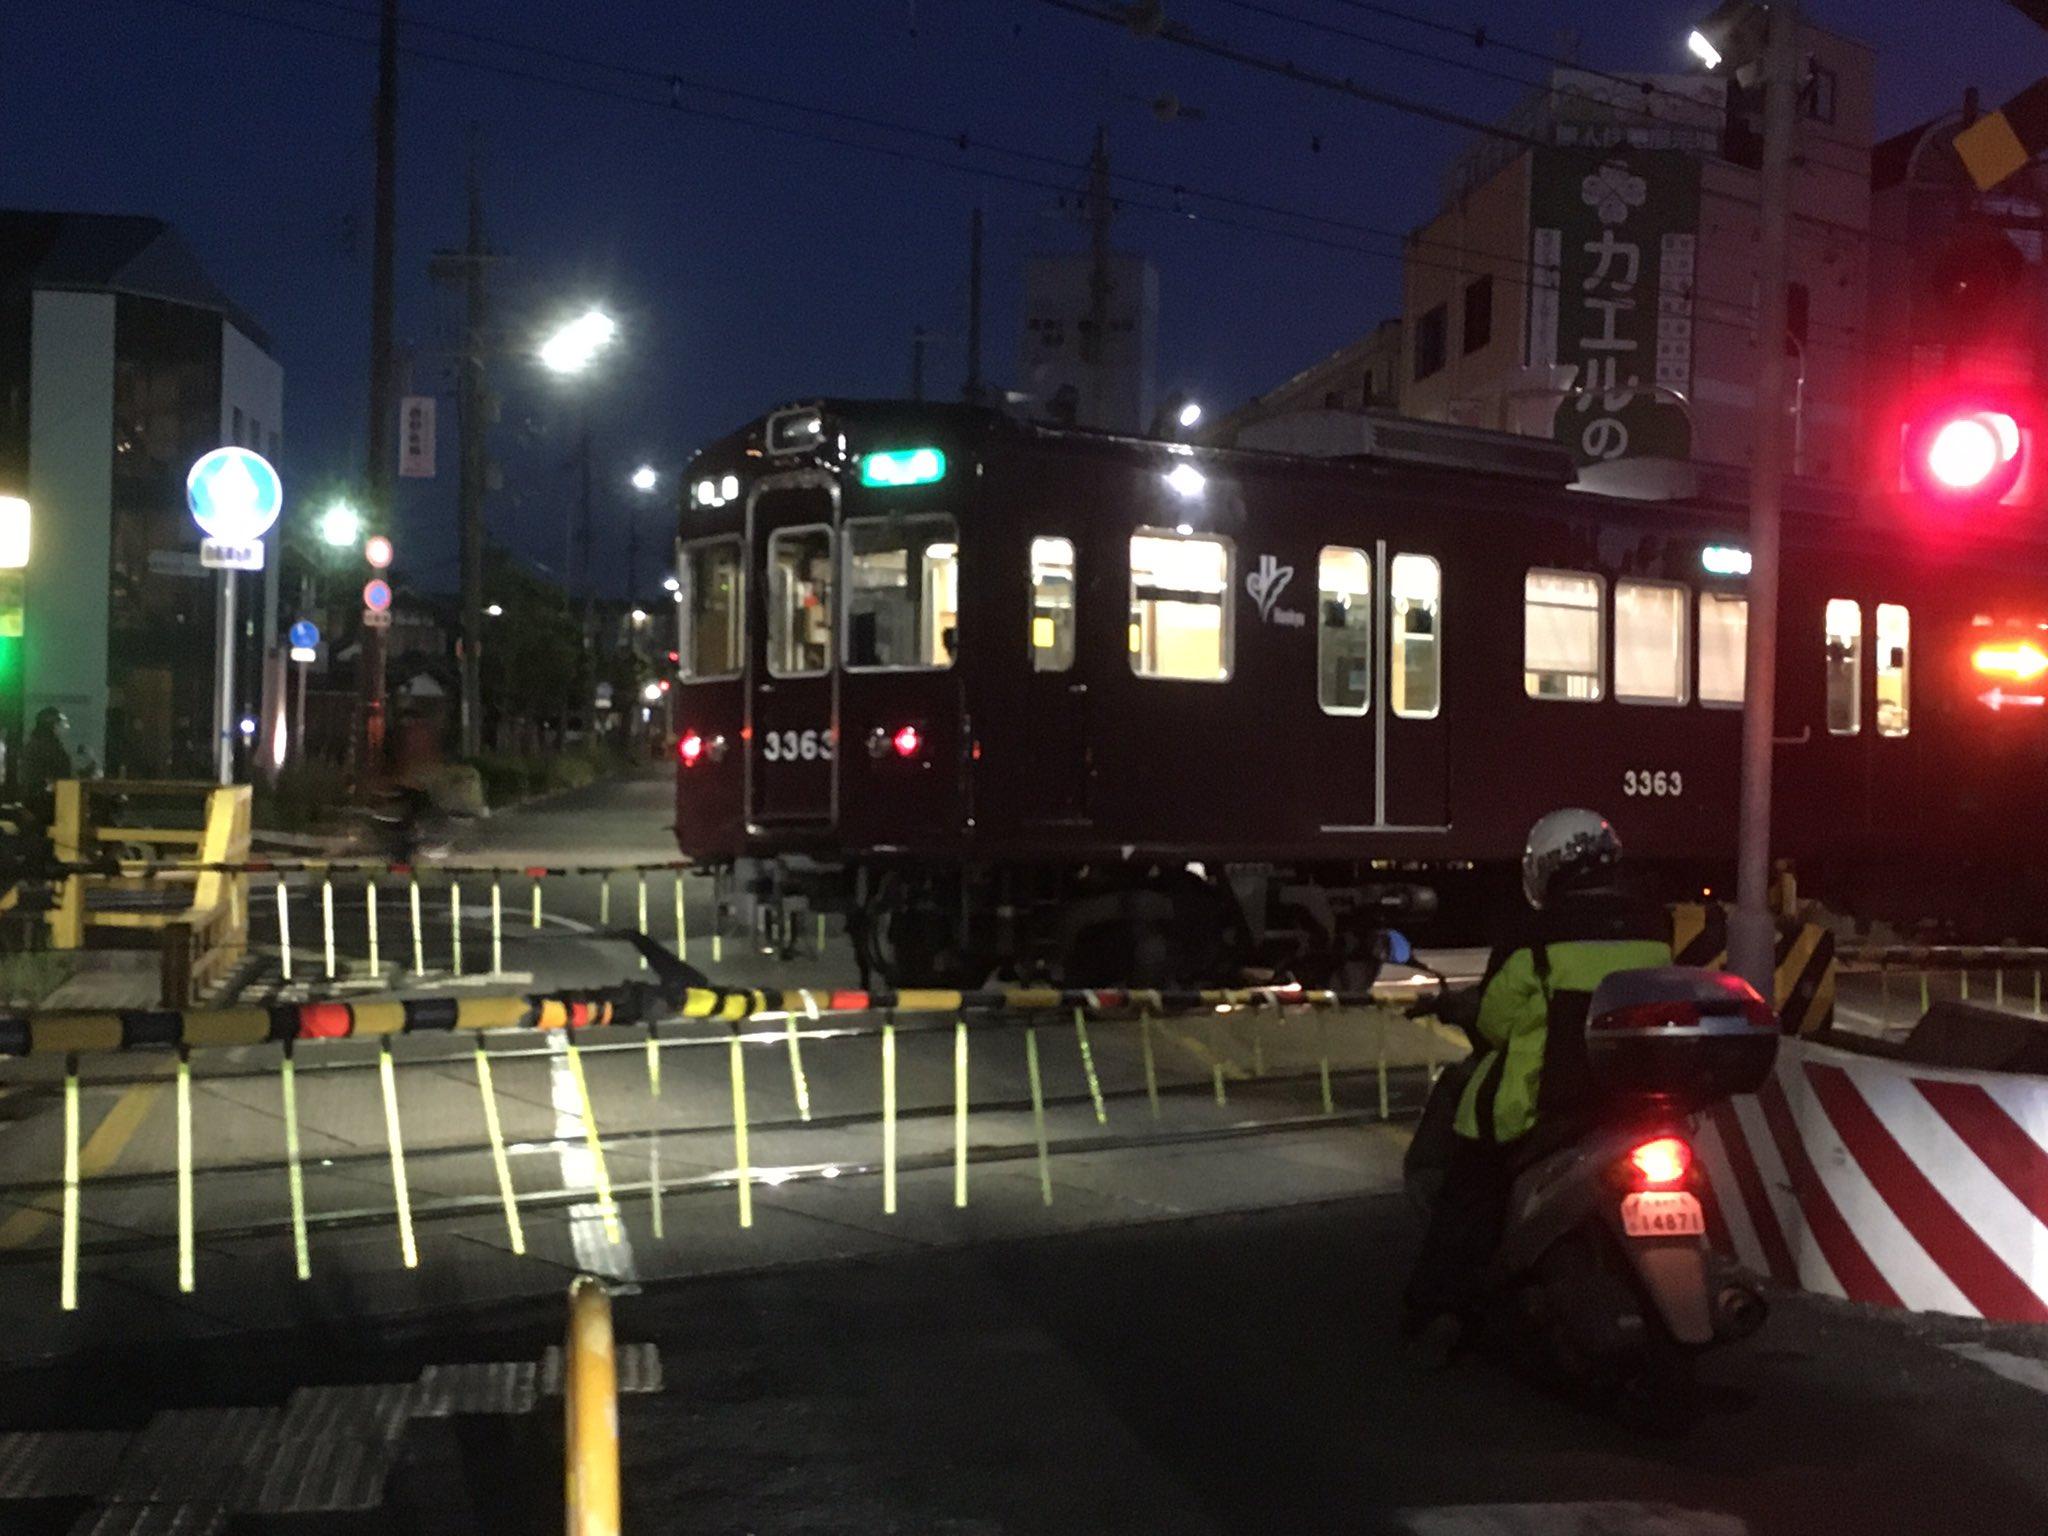 阪急京都線の富田駅で人身事故が起き急停止している画像